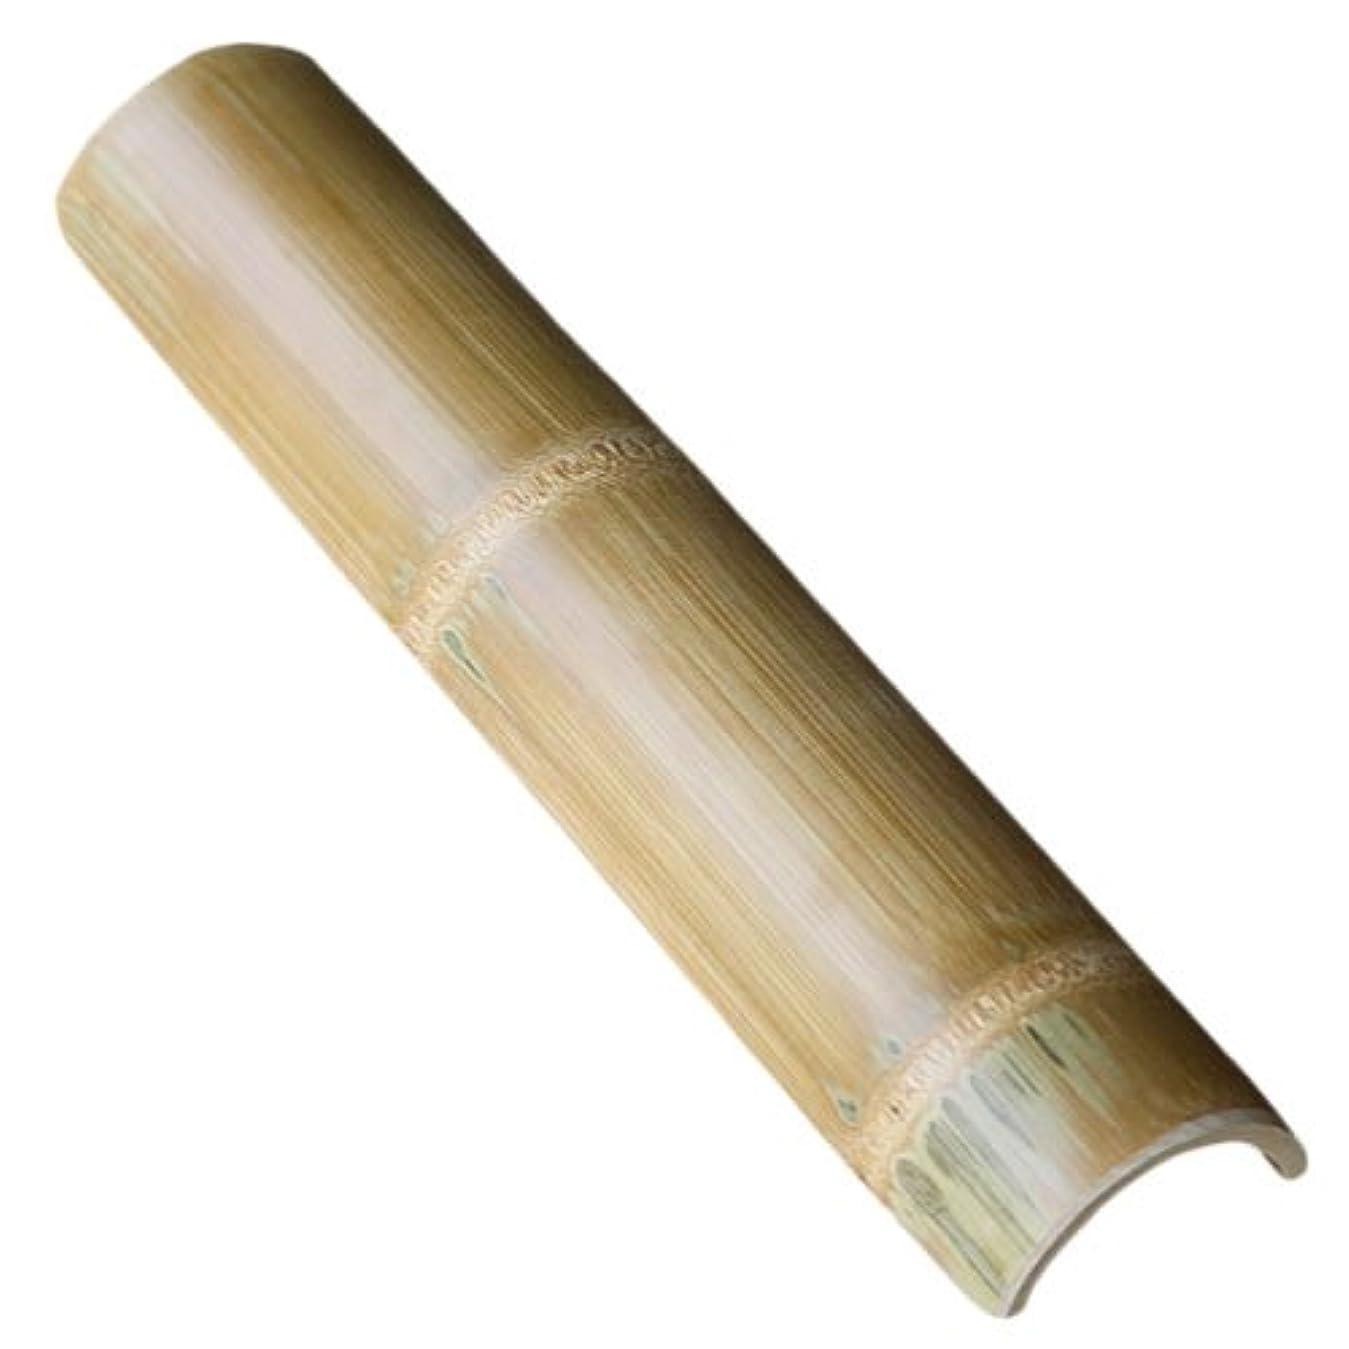 処理モネ気分【国産】青竹を炭化加工して防虫、防カビ効果を向上させて美しく磨き上げています竹踏み(炭化竹)